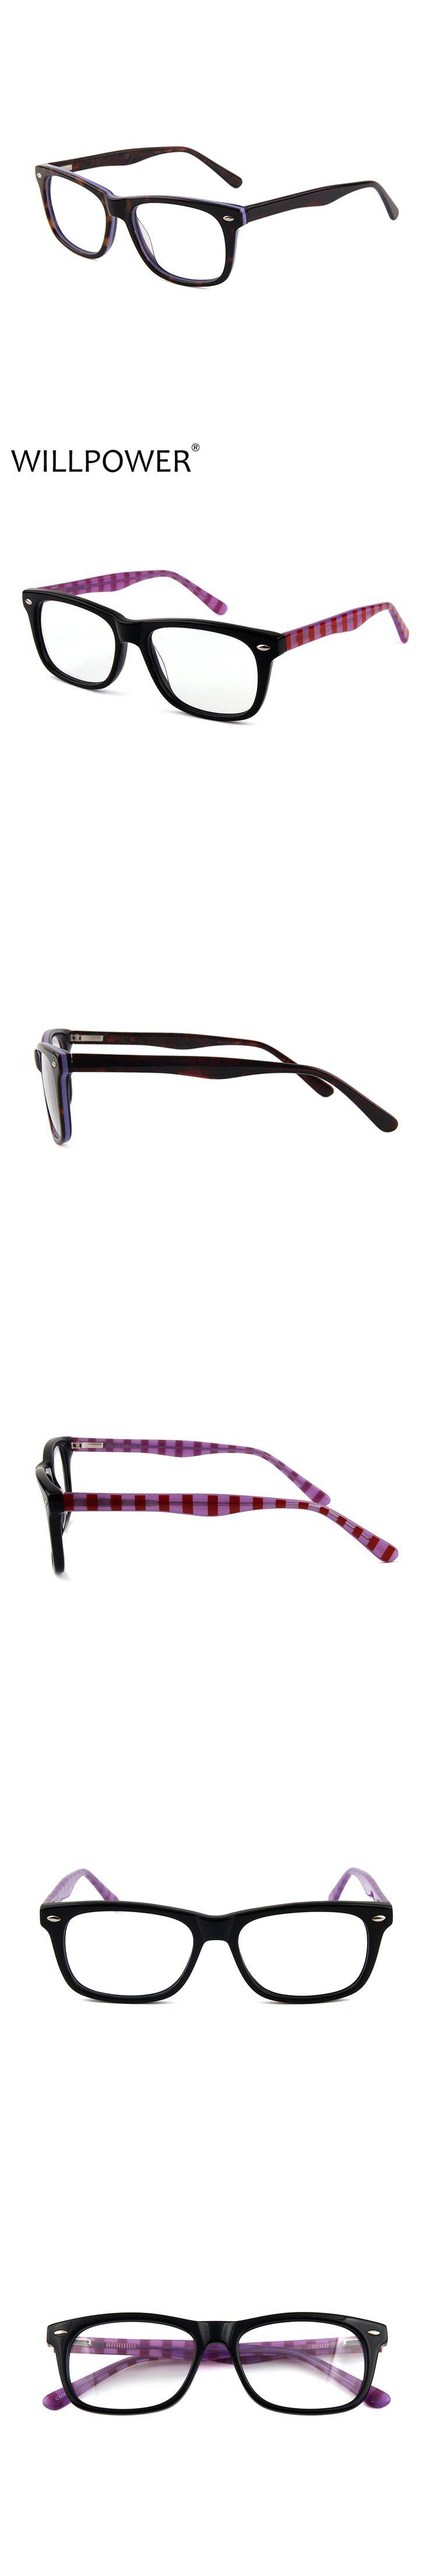 WILLPOWER Fashion Glasses Frame Women Men Eyeglasses Optical Glasses Frame Vintage Eyeglass Frames Female Fake Glasses